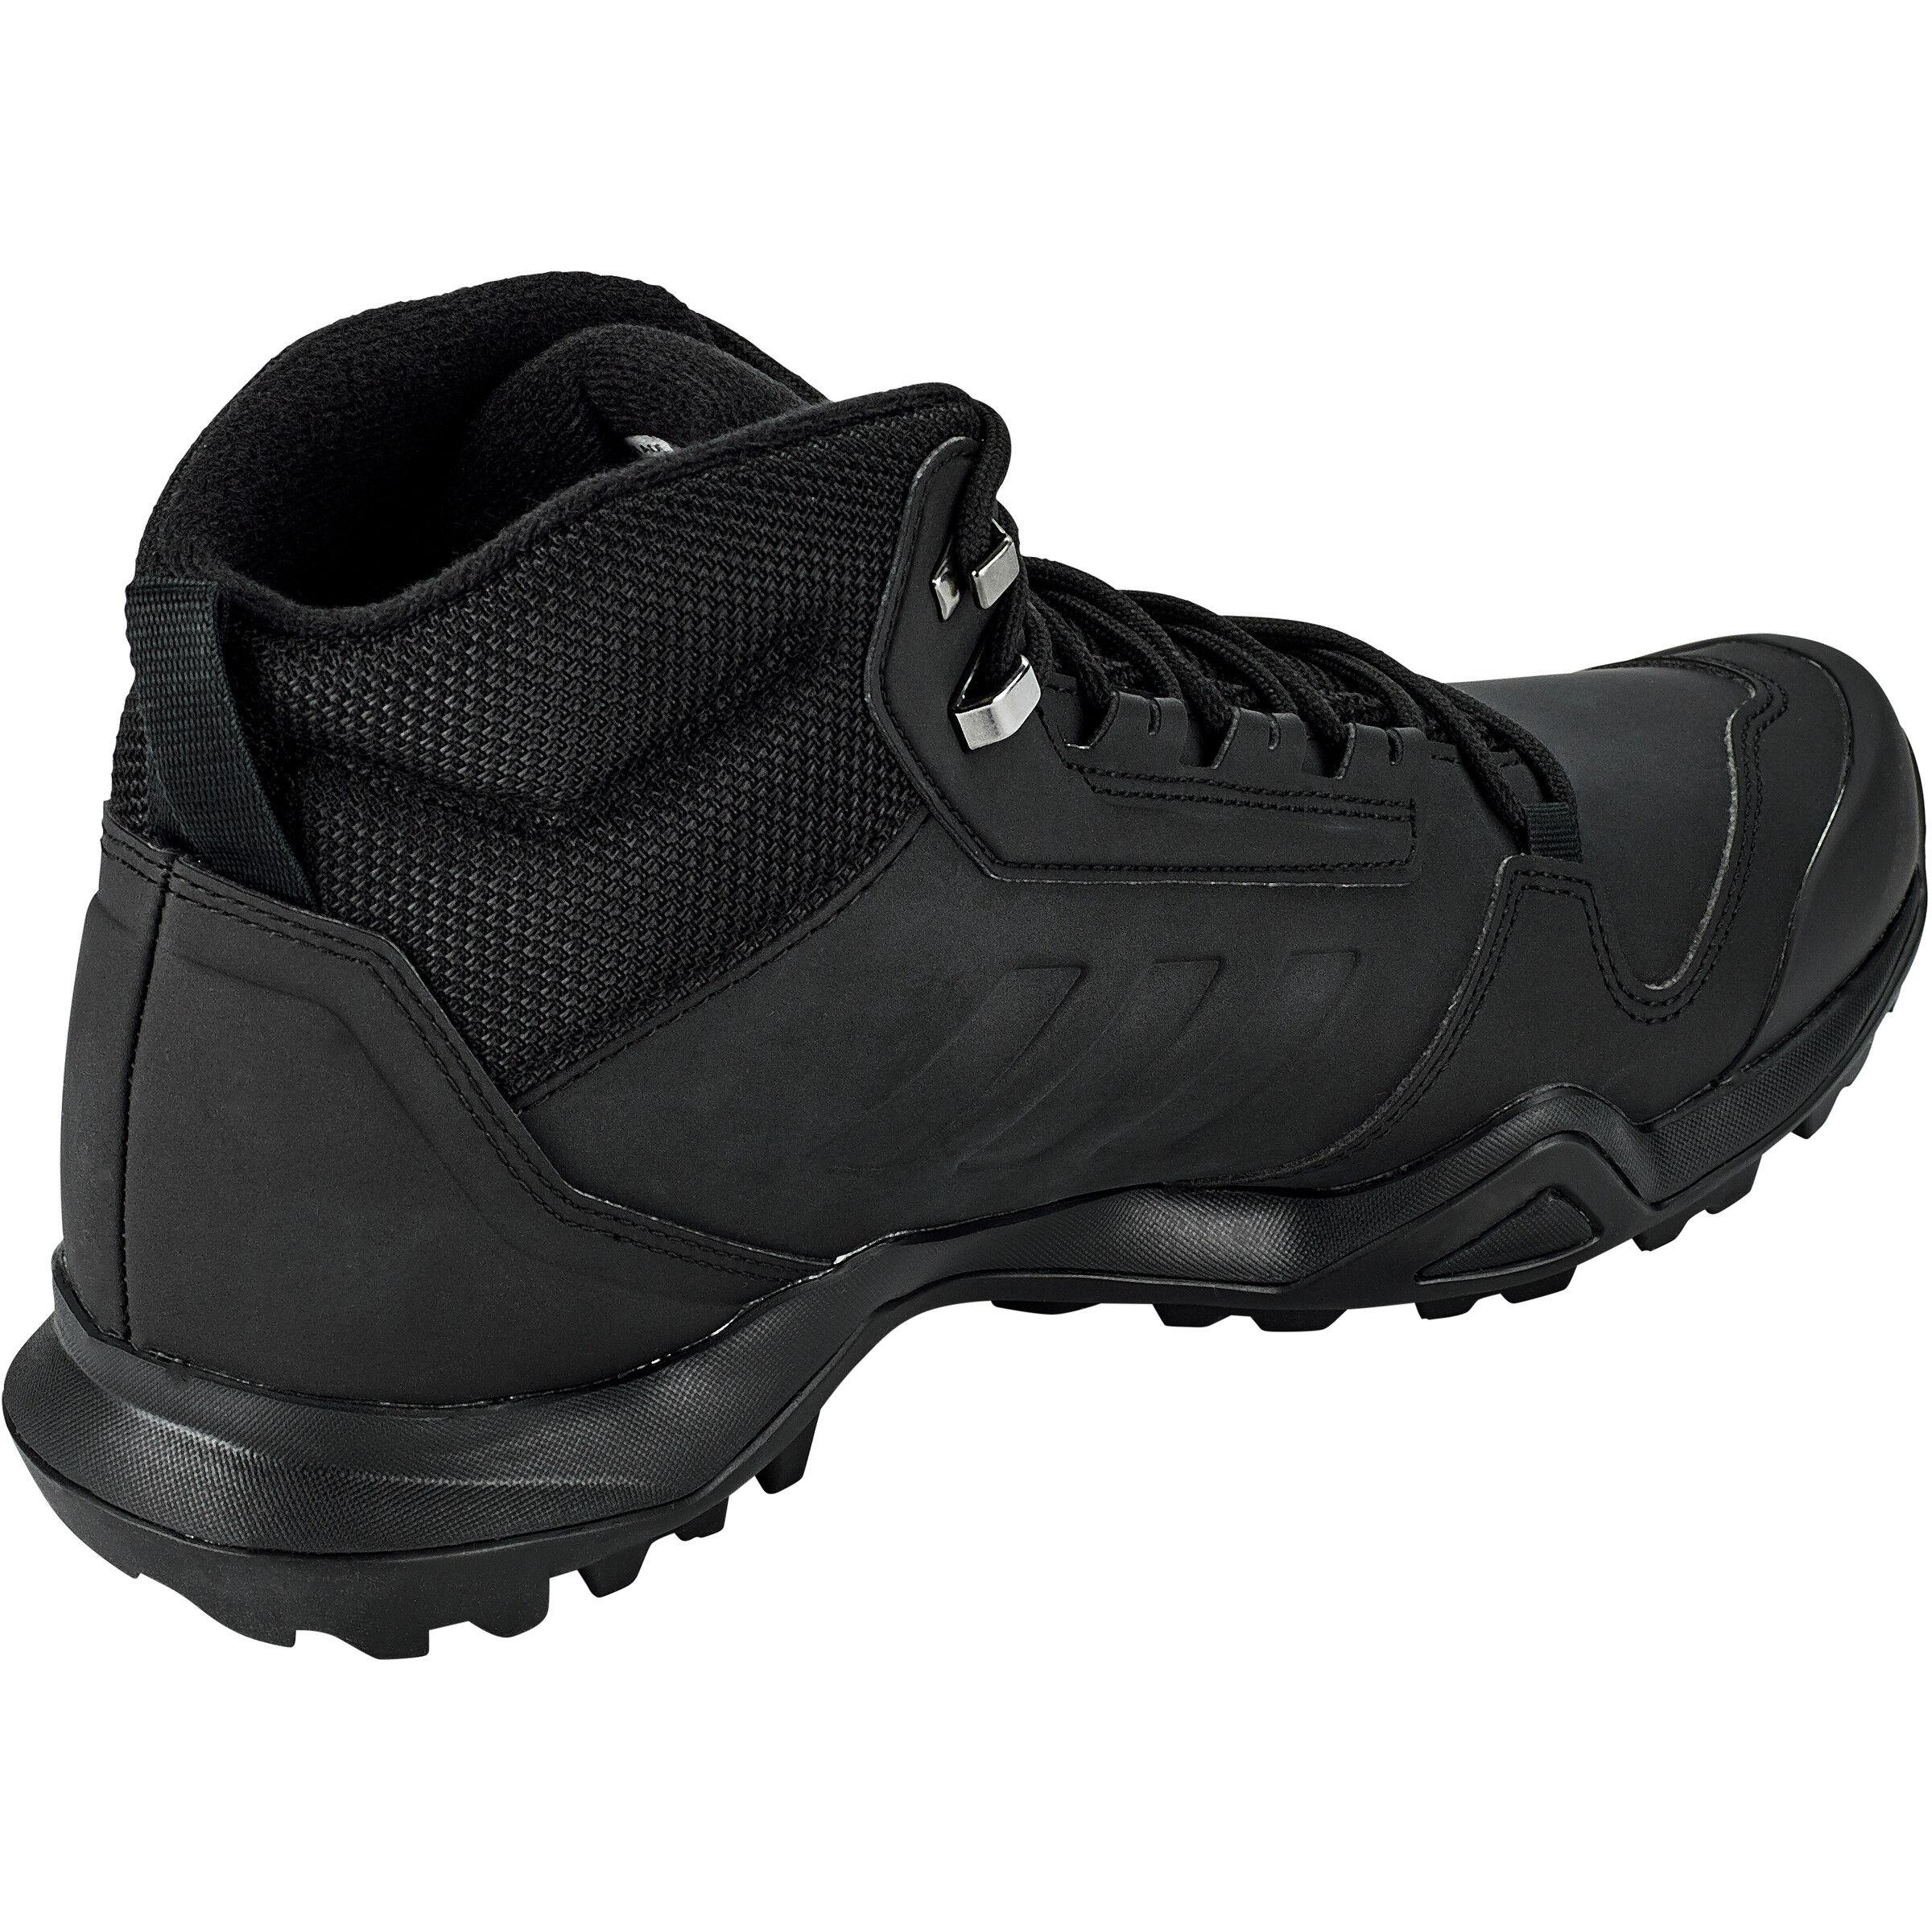 adidas TERREX AX3 Beta Climawarm Mid Cut Schuhe Herren core blackcore blackgrey five